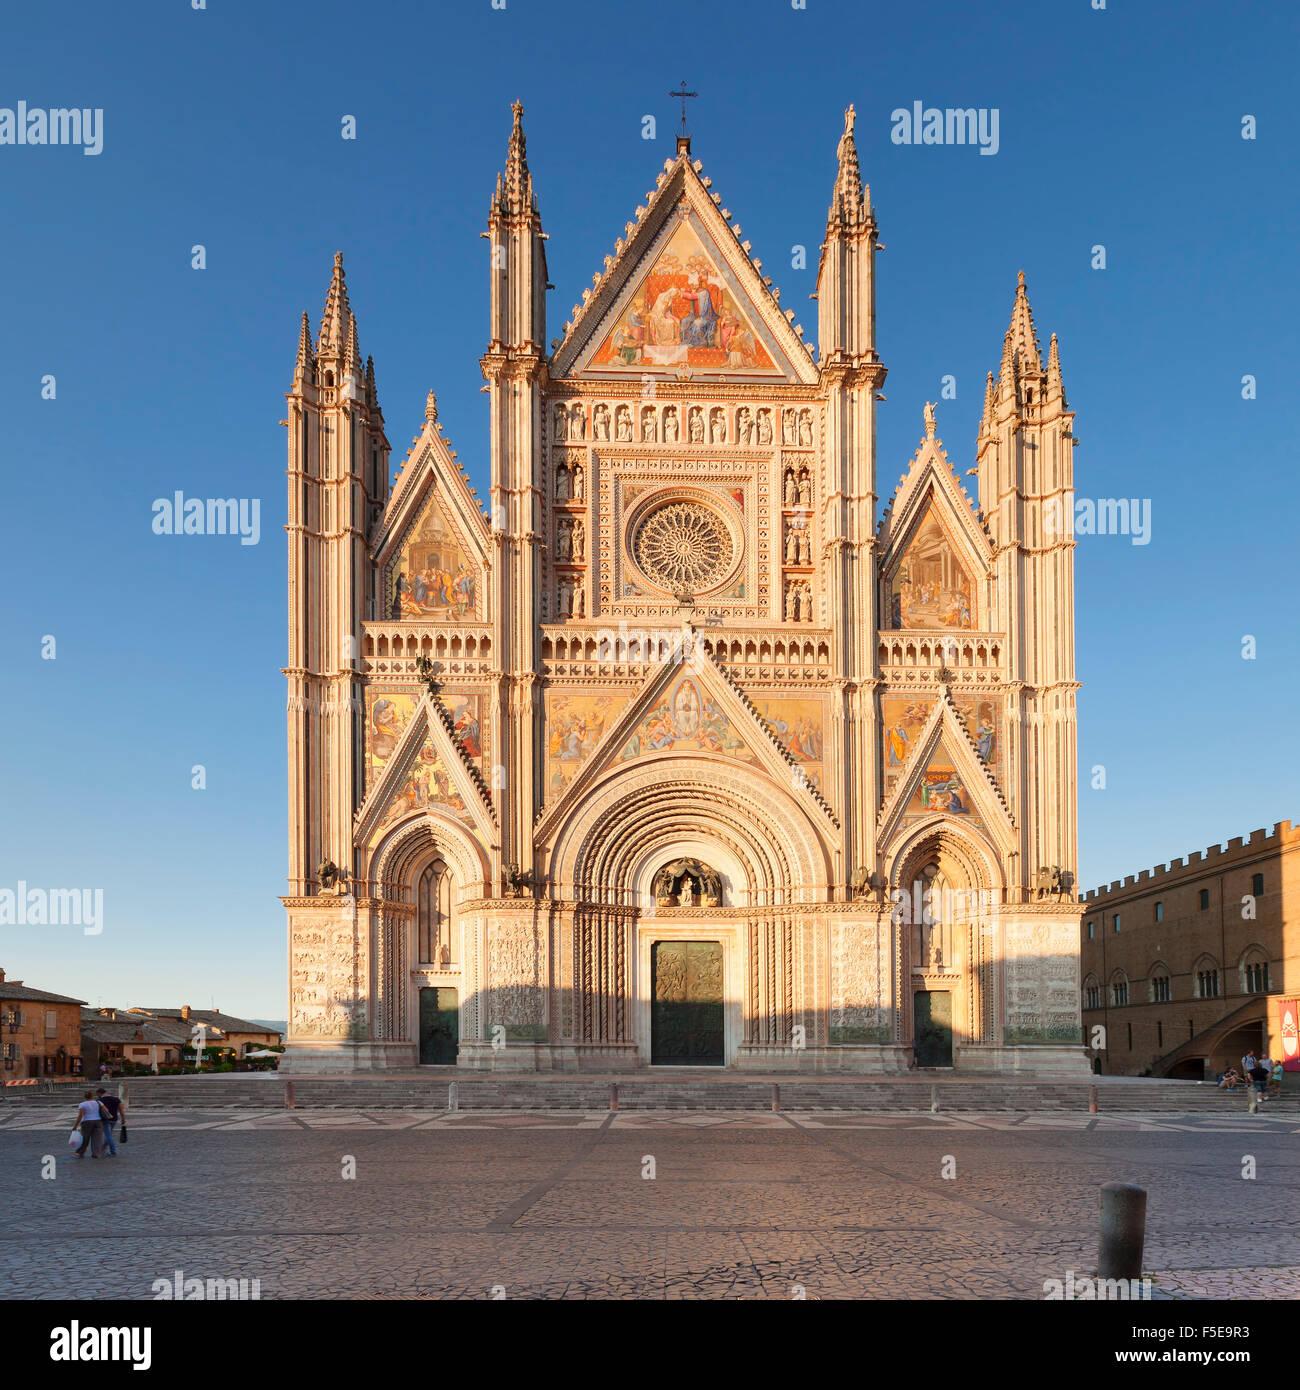 View of Santa Maria Cathedral, Orvieto, Terni District, Umbria, Italy, Europe - Stock Image